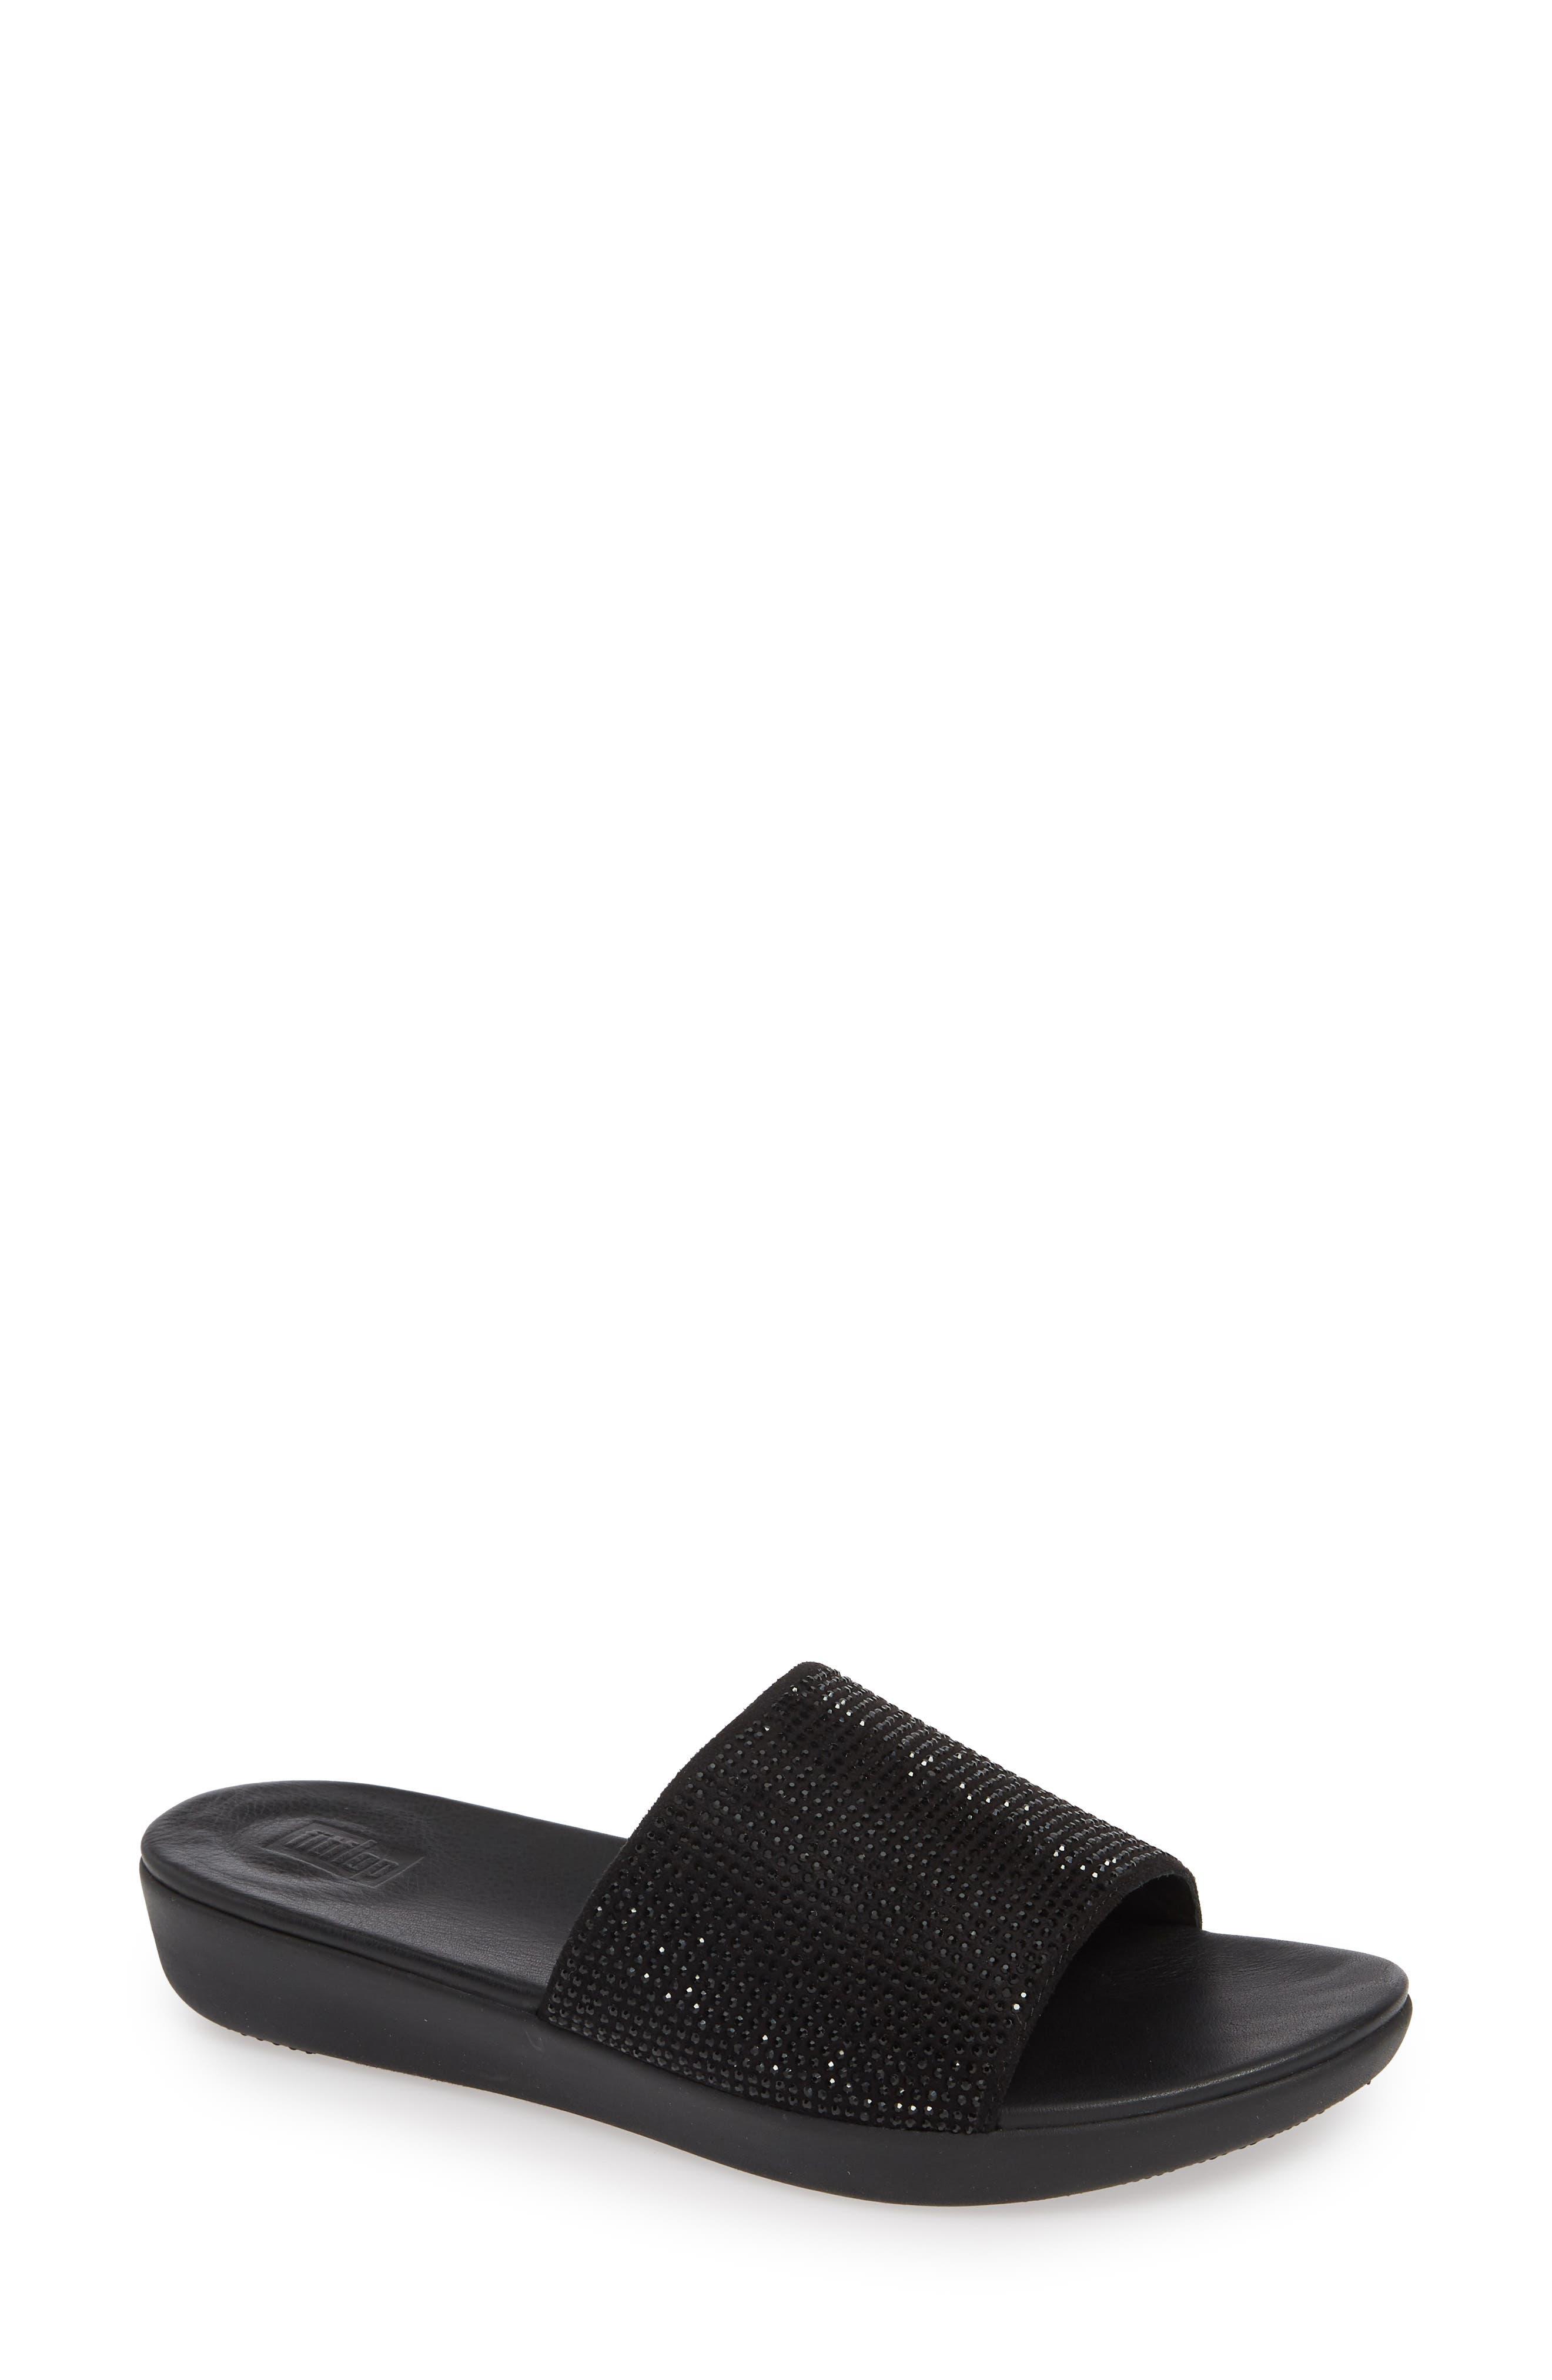 Fitflop Sola Crystalled Slide Sandal, Black